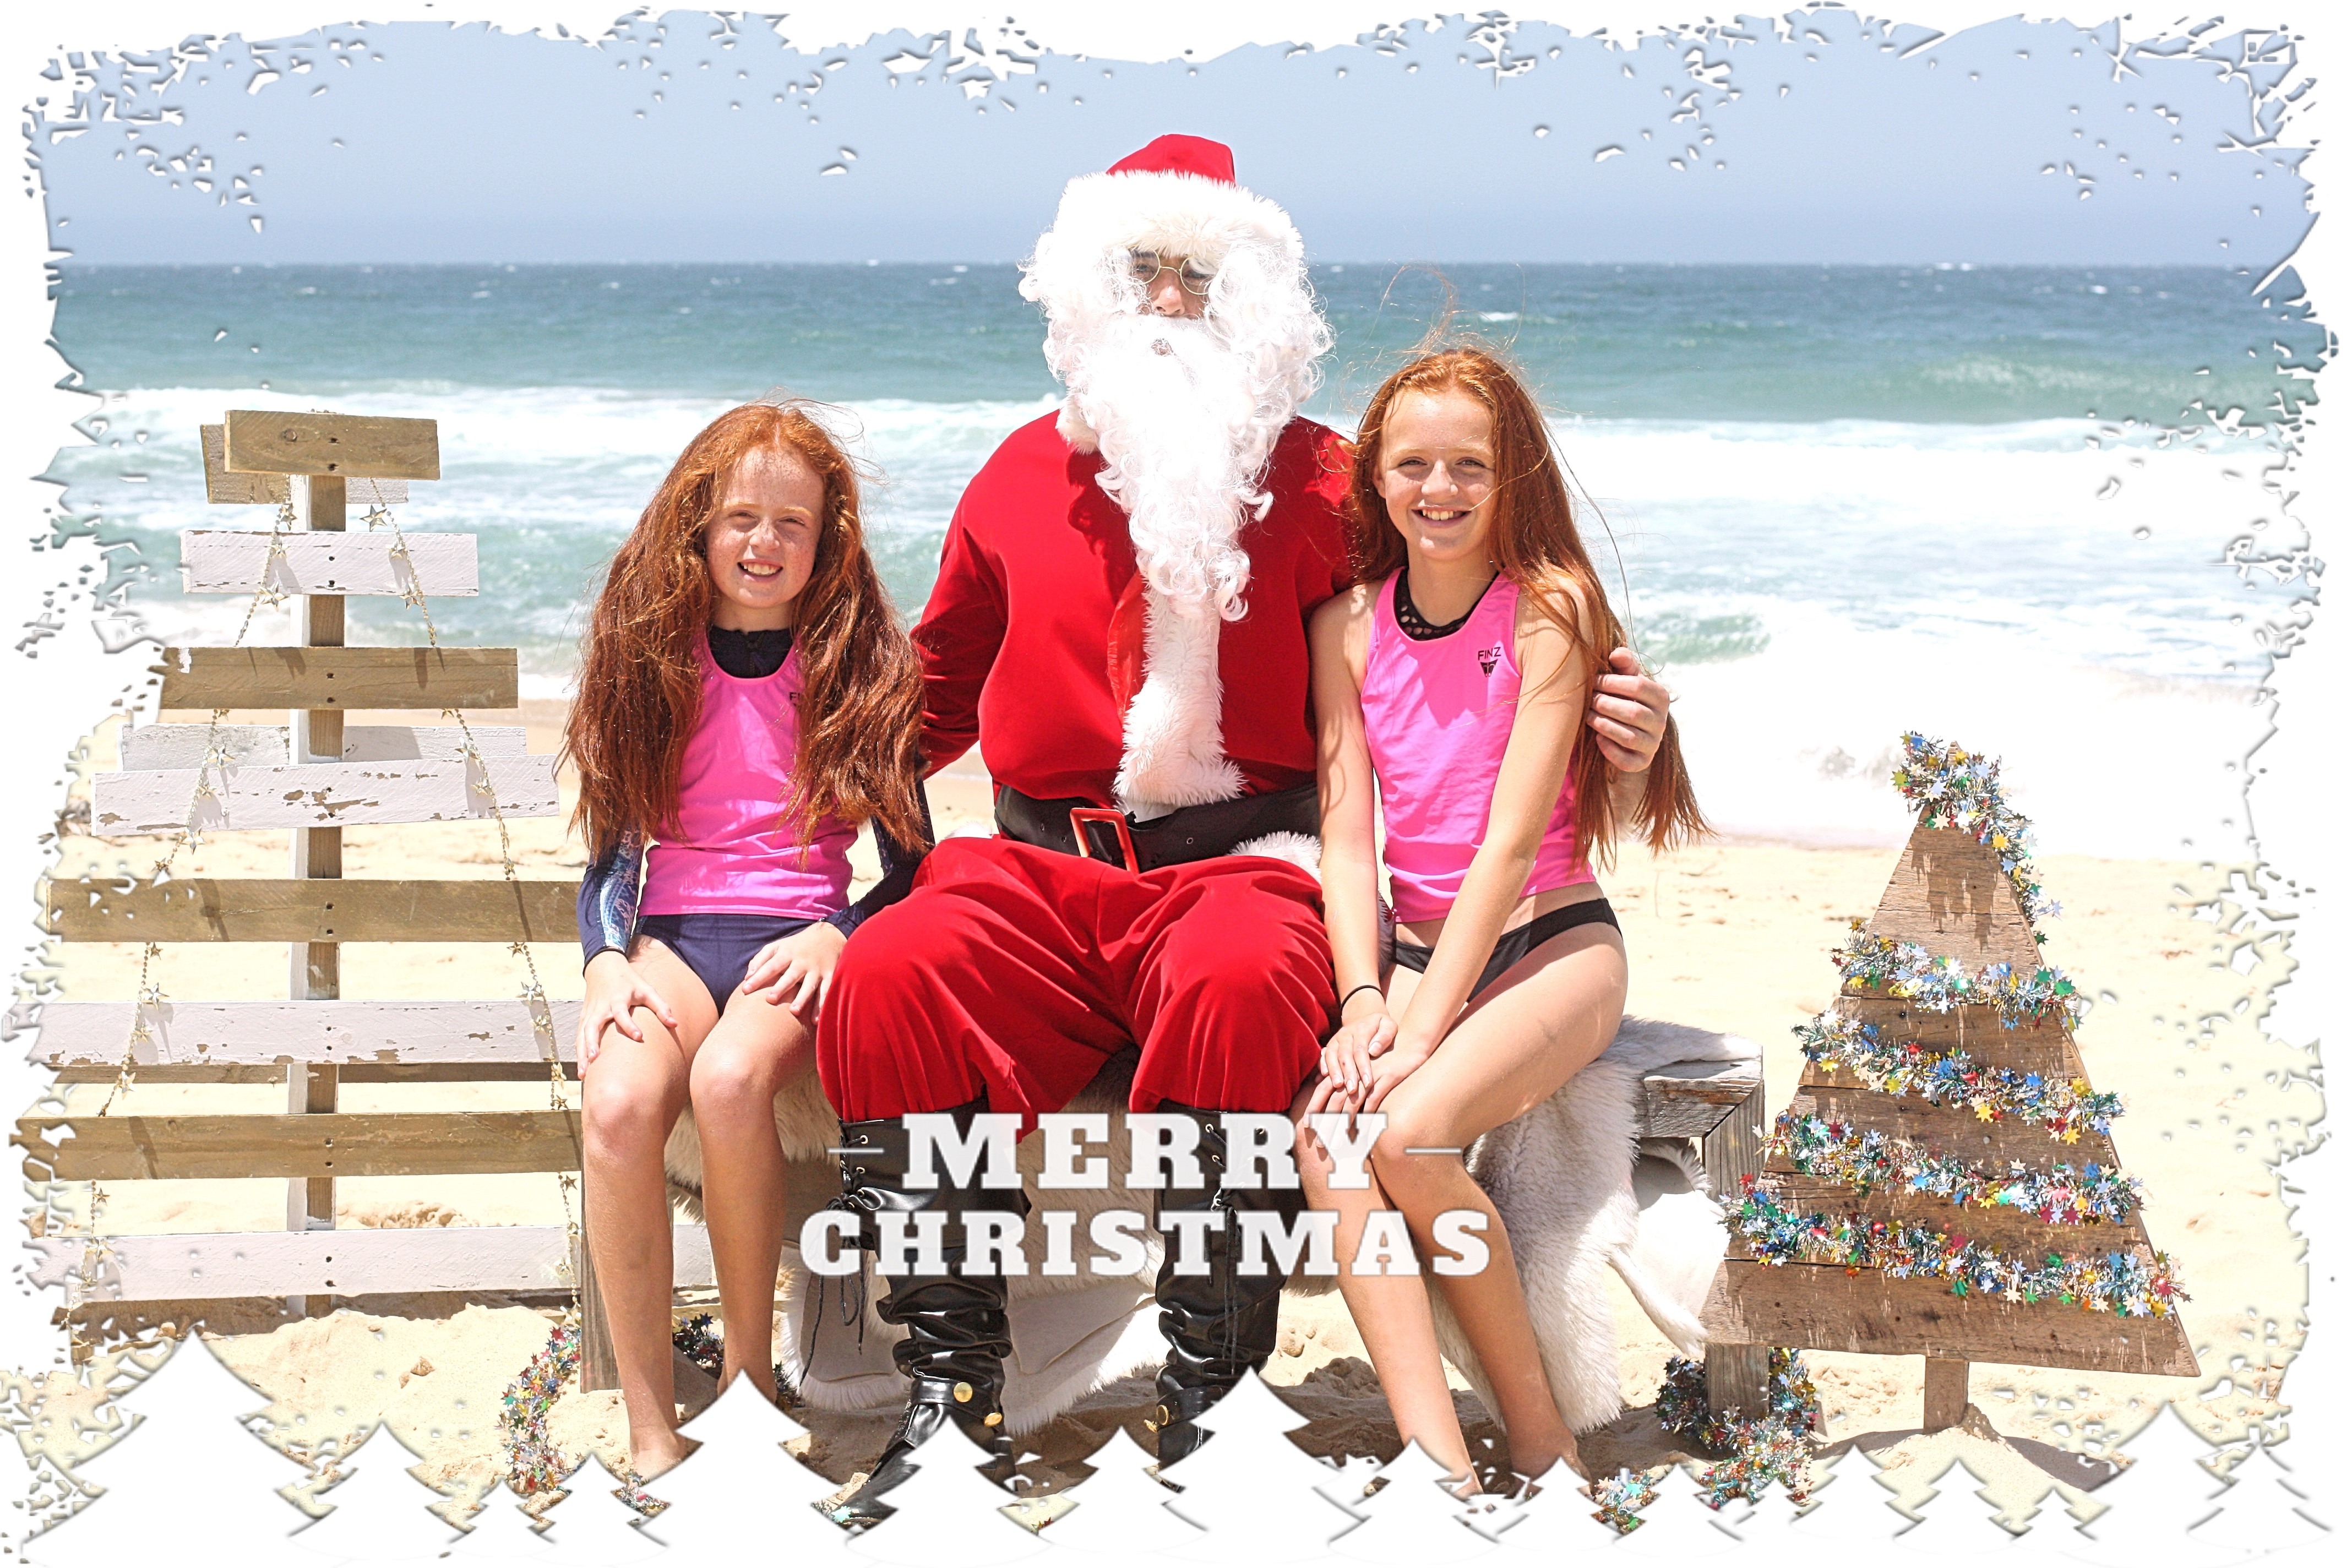 Santa Photos on the Beach 2020